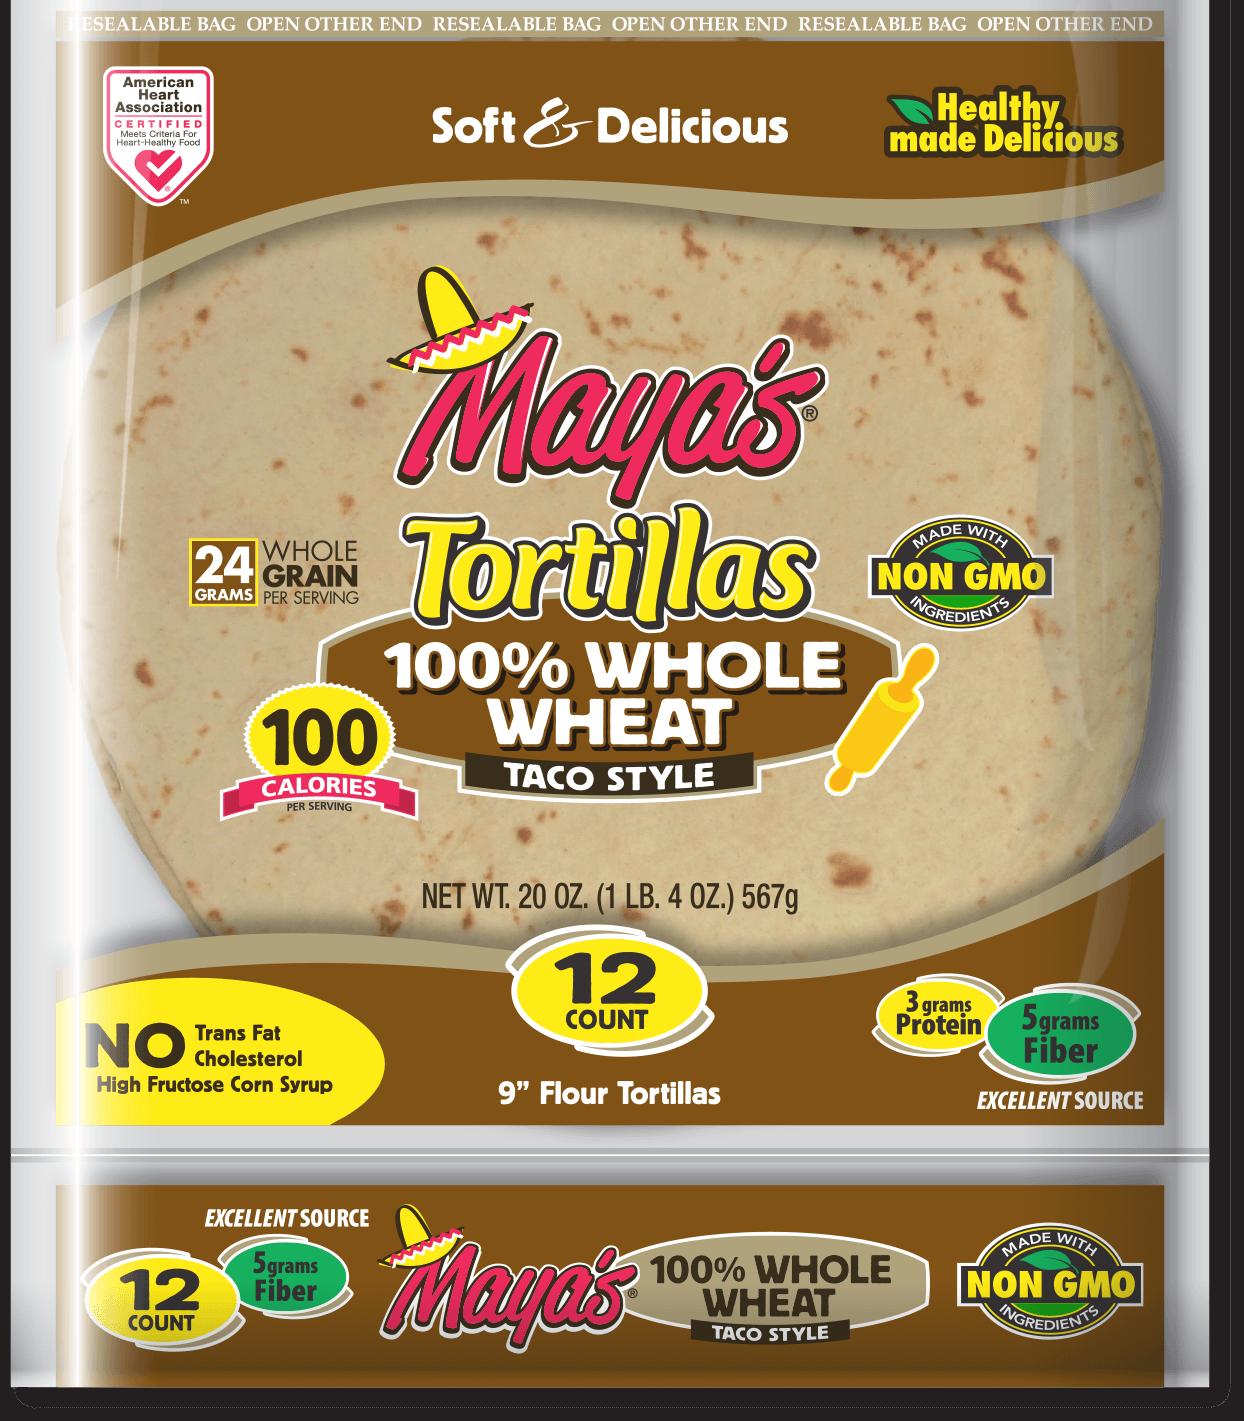 PNG_Maya's-12-Count-9Tortillas-Wheat-Face-Slick